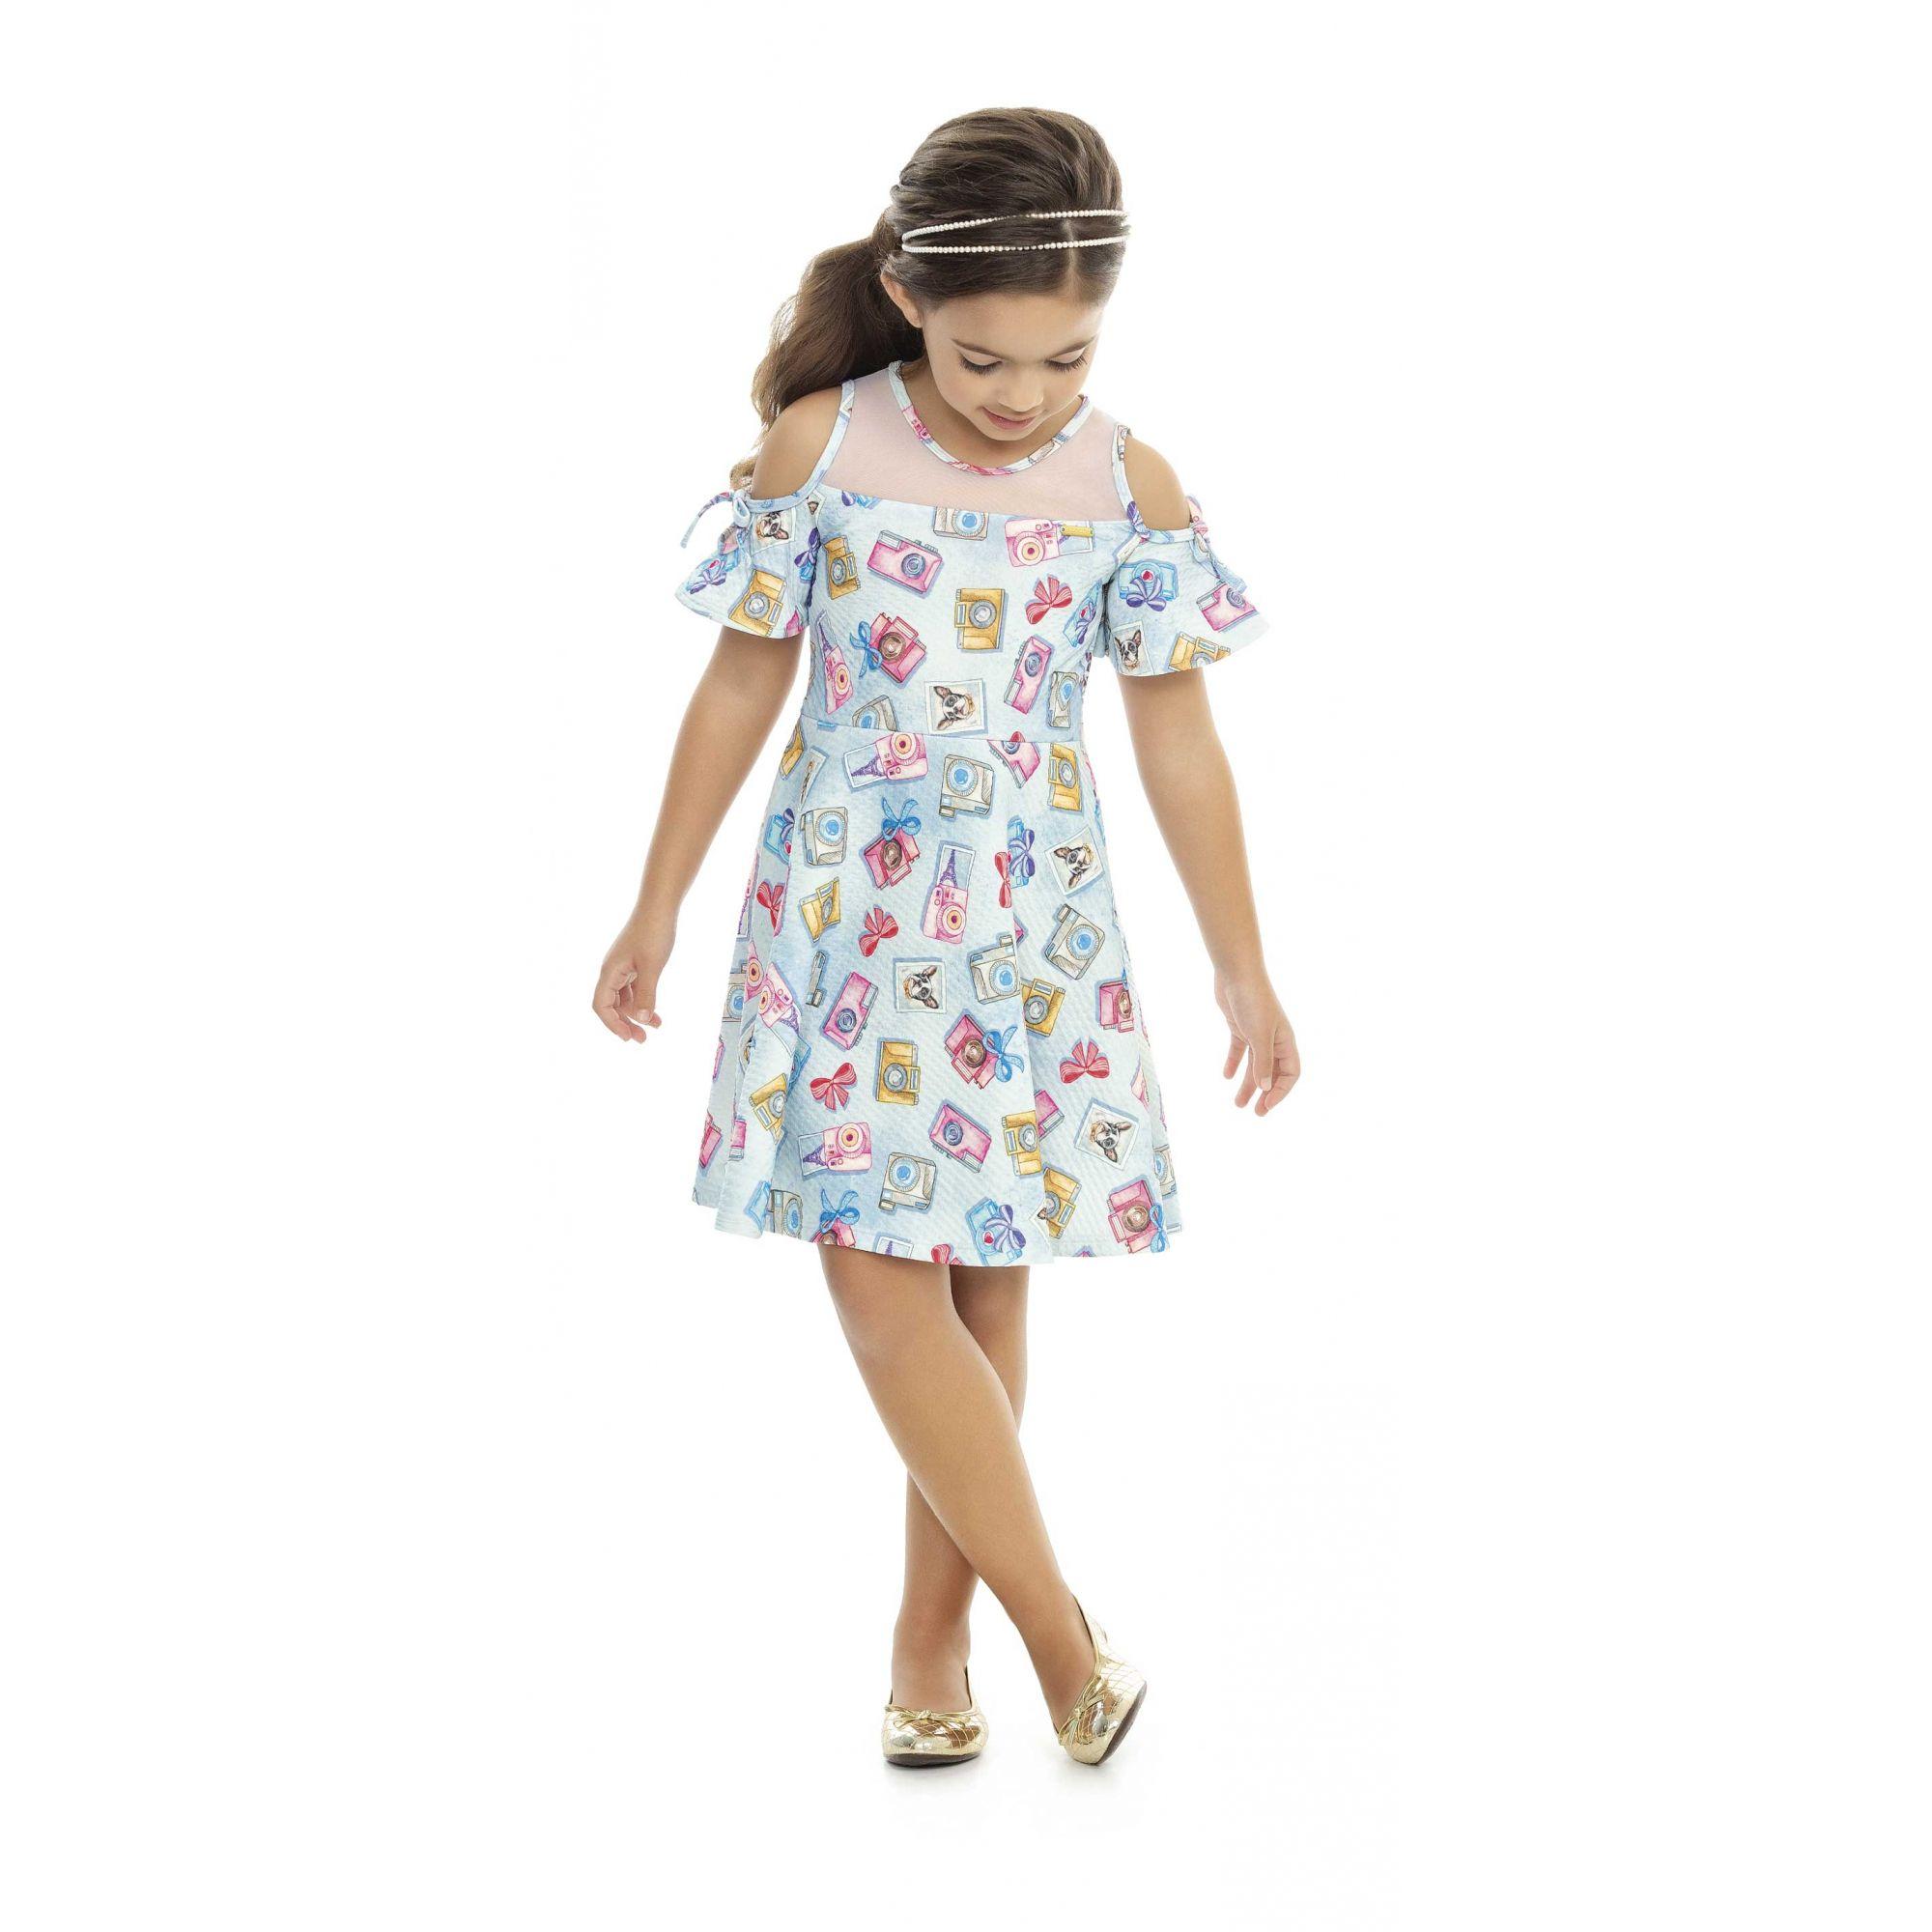 Vestido Infantil Verão Retratos - Kaiani